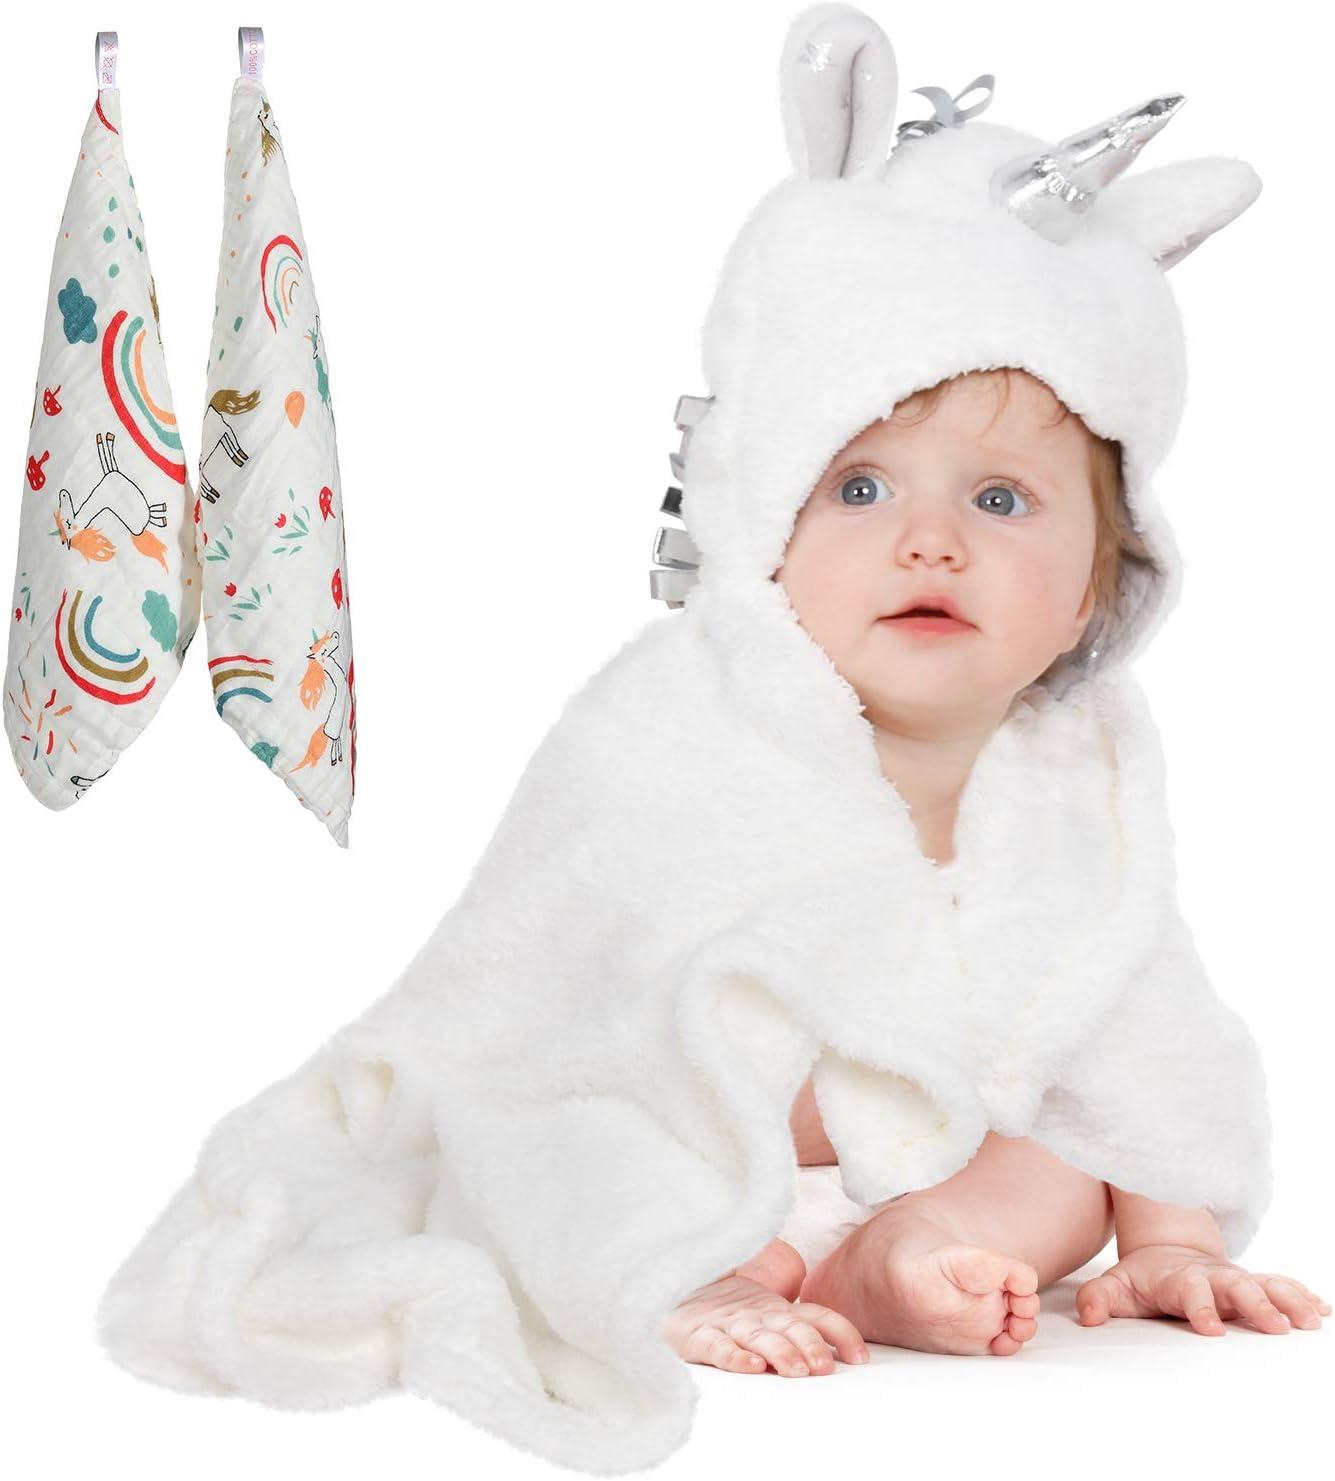 Serviette de bain et d/ébarbouillettes avec capuchon Viviland Baby cadeau id/éal pour les nourrissons et les nouveau-n/és paquet de 6 toucher doux et forte absorption